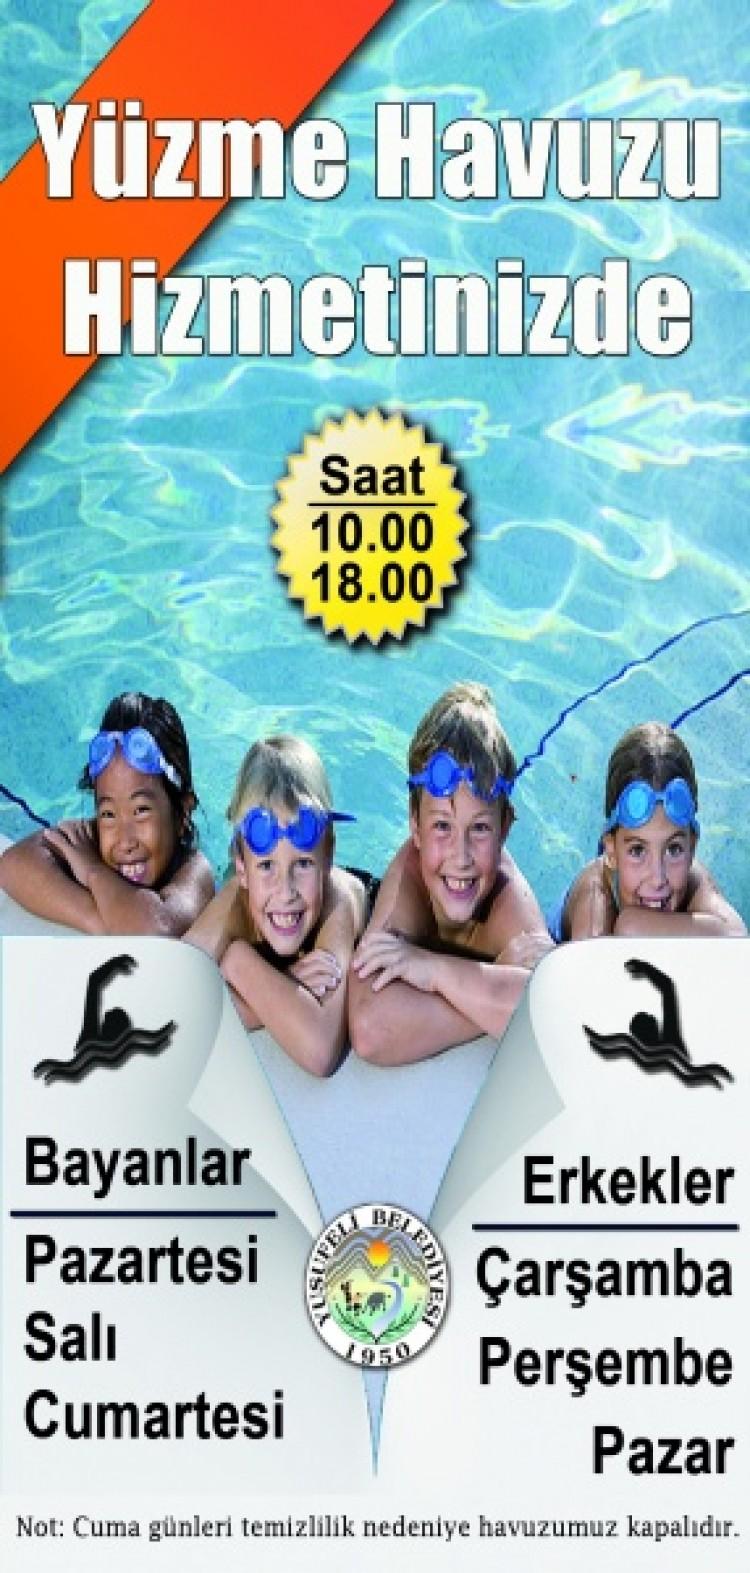 Yusufeli Belediyesi Yüzme Havuz